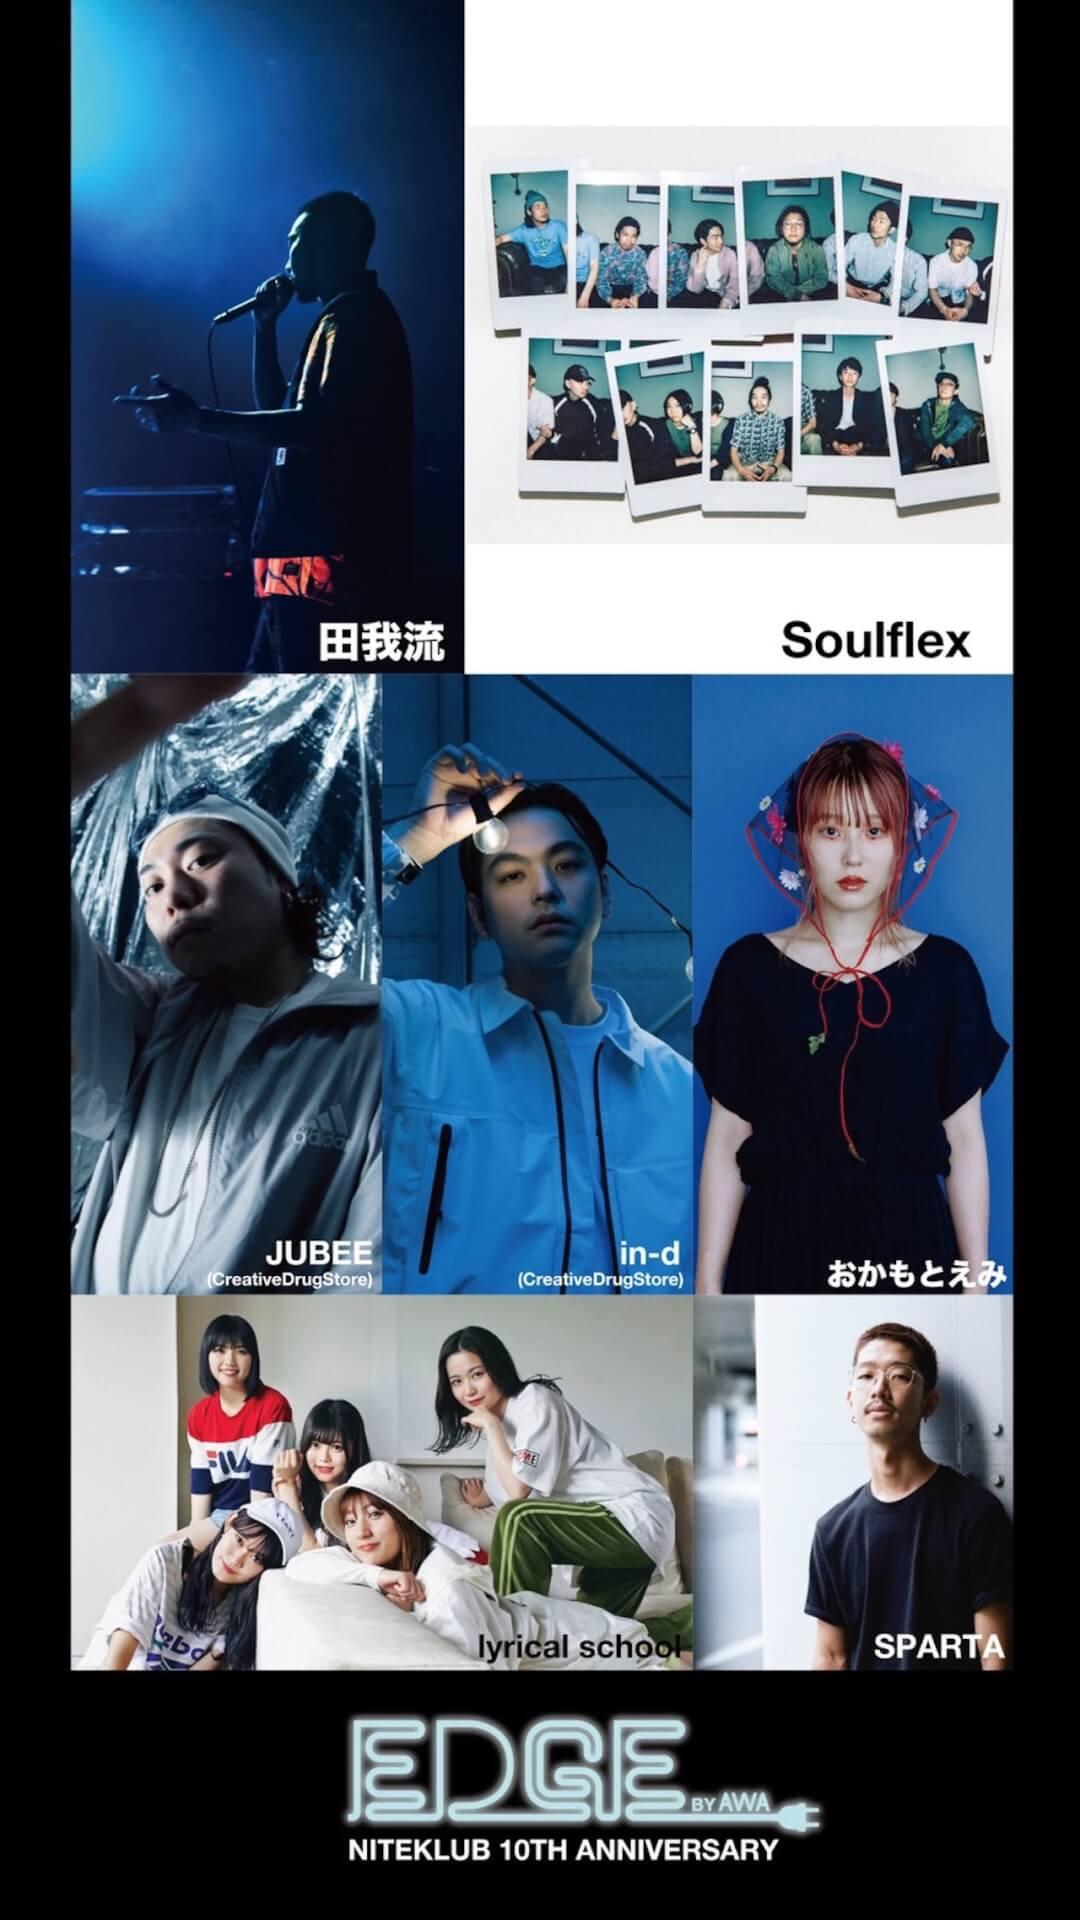 AWAによる超人気イベント「EDGE」第4回がLIQUIDROOMにて開催|田我流、Soulflex、おかもとえみ、lyrical schoolらが登場 music200223-edge-by-awa-1